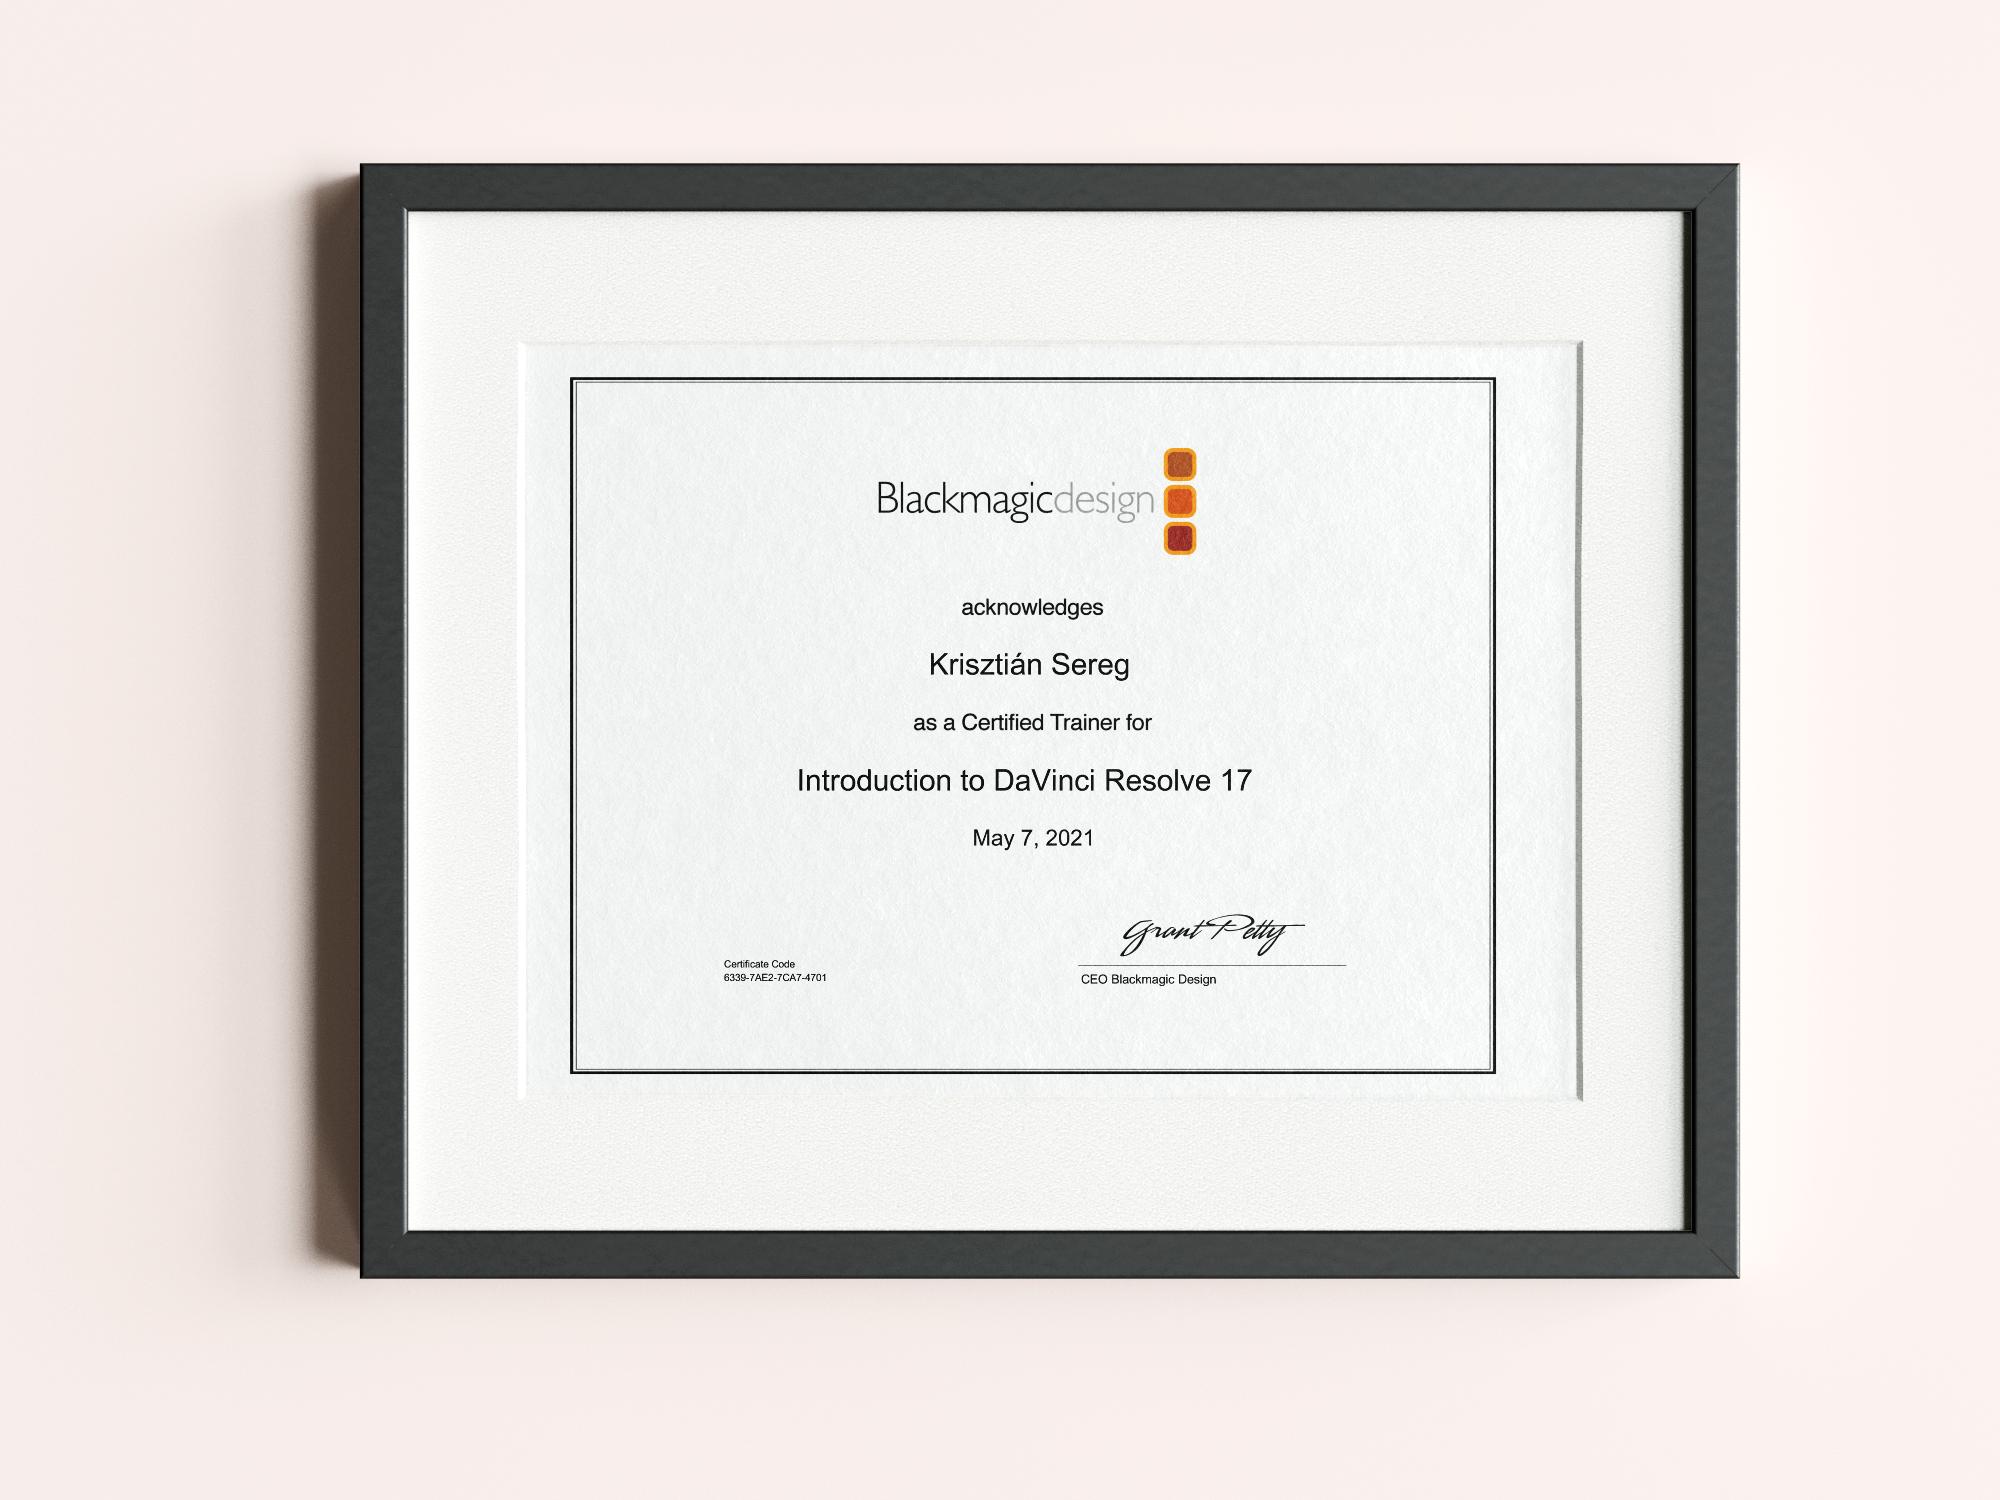 davinci-resolve-trainer-certificate